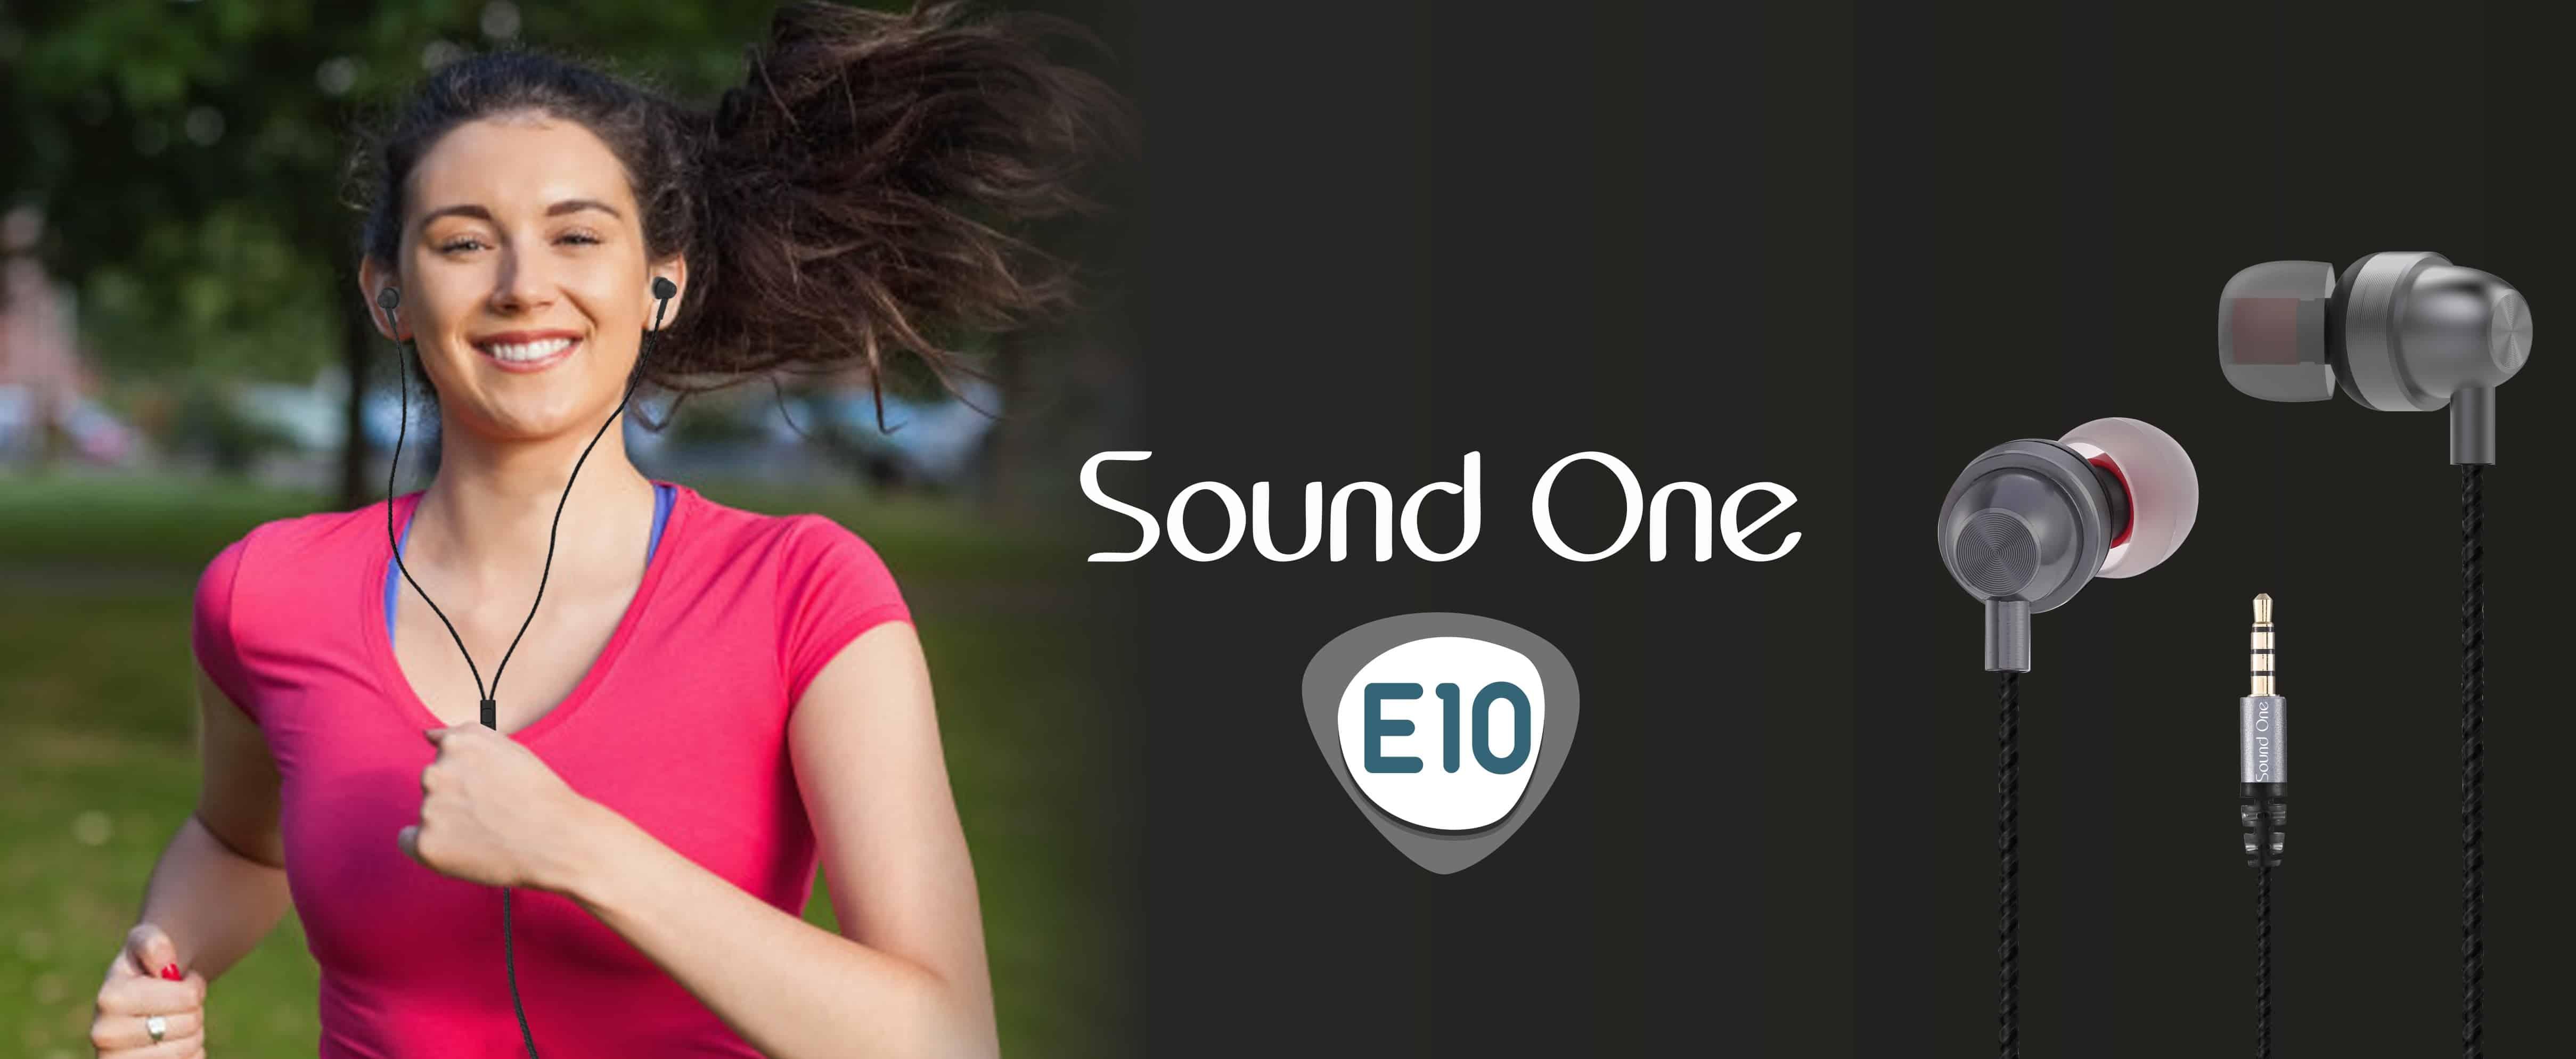 Sound One E10 Earphones India